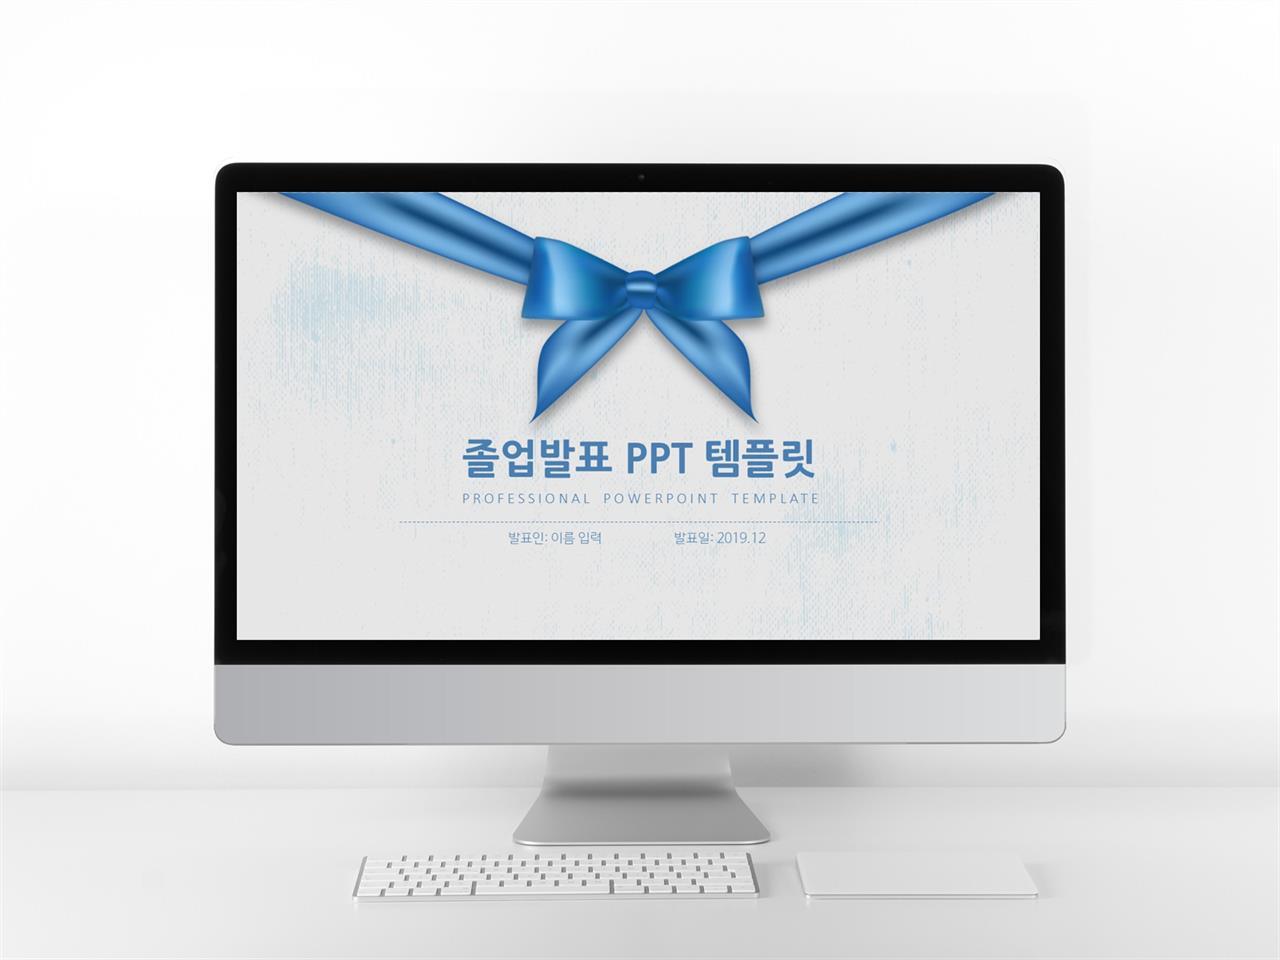 연구계획서 블루 산뜻한 시선을 사로잡는 PPT탬플릿 만들기 미리보기